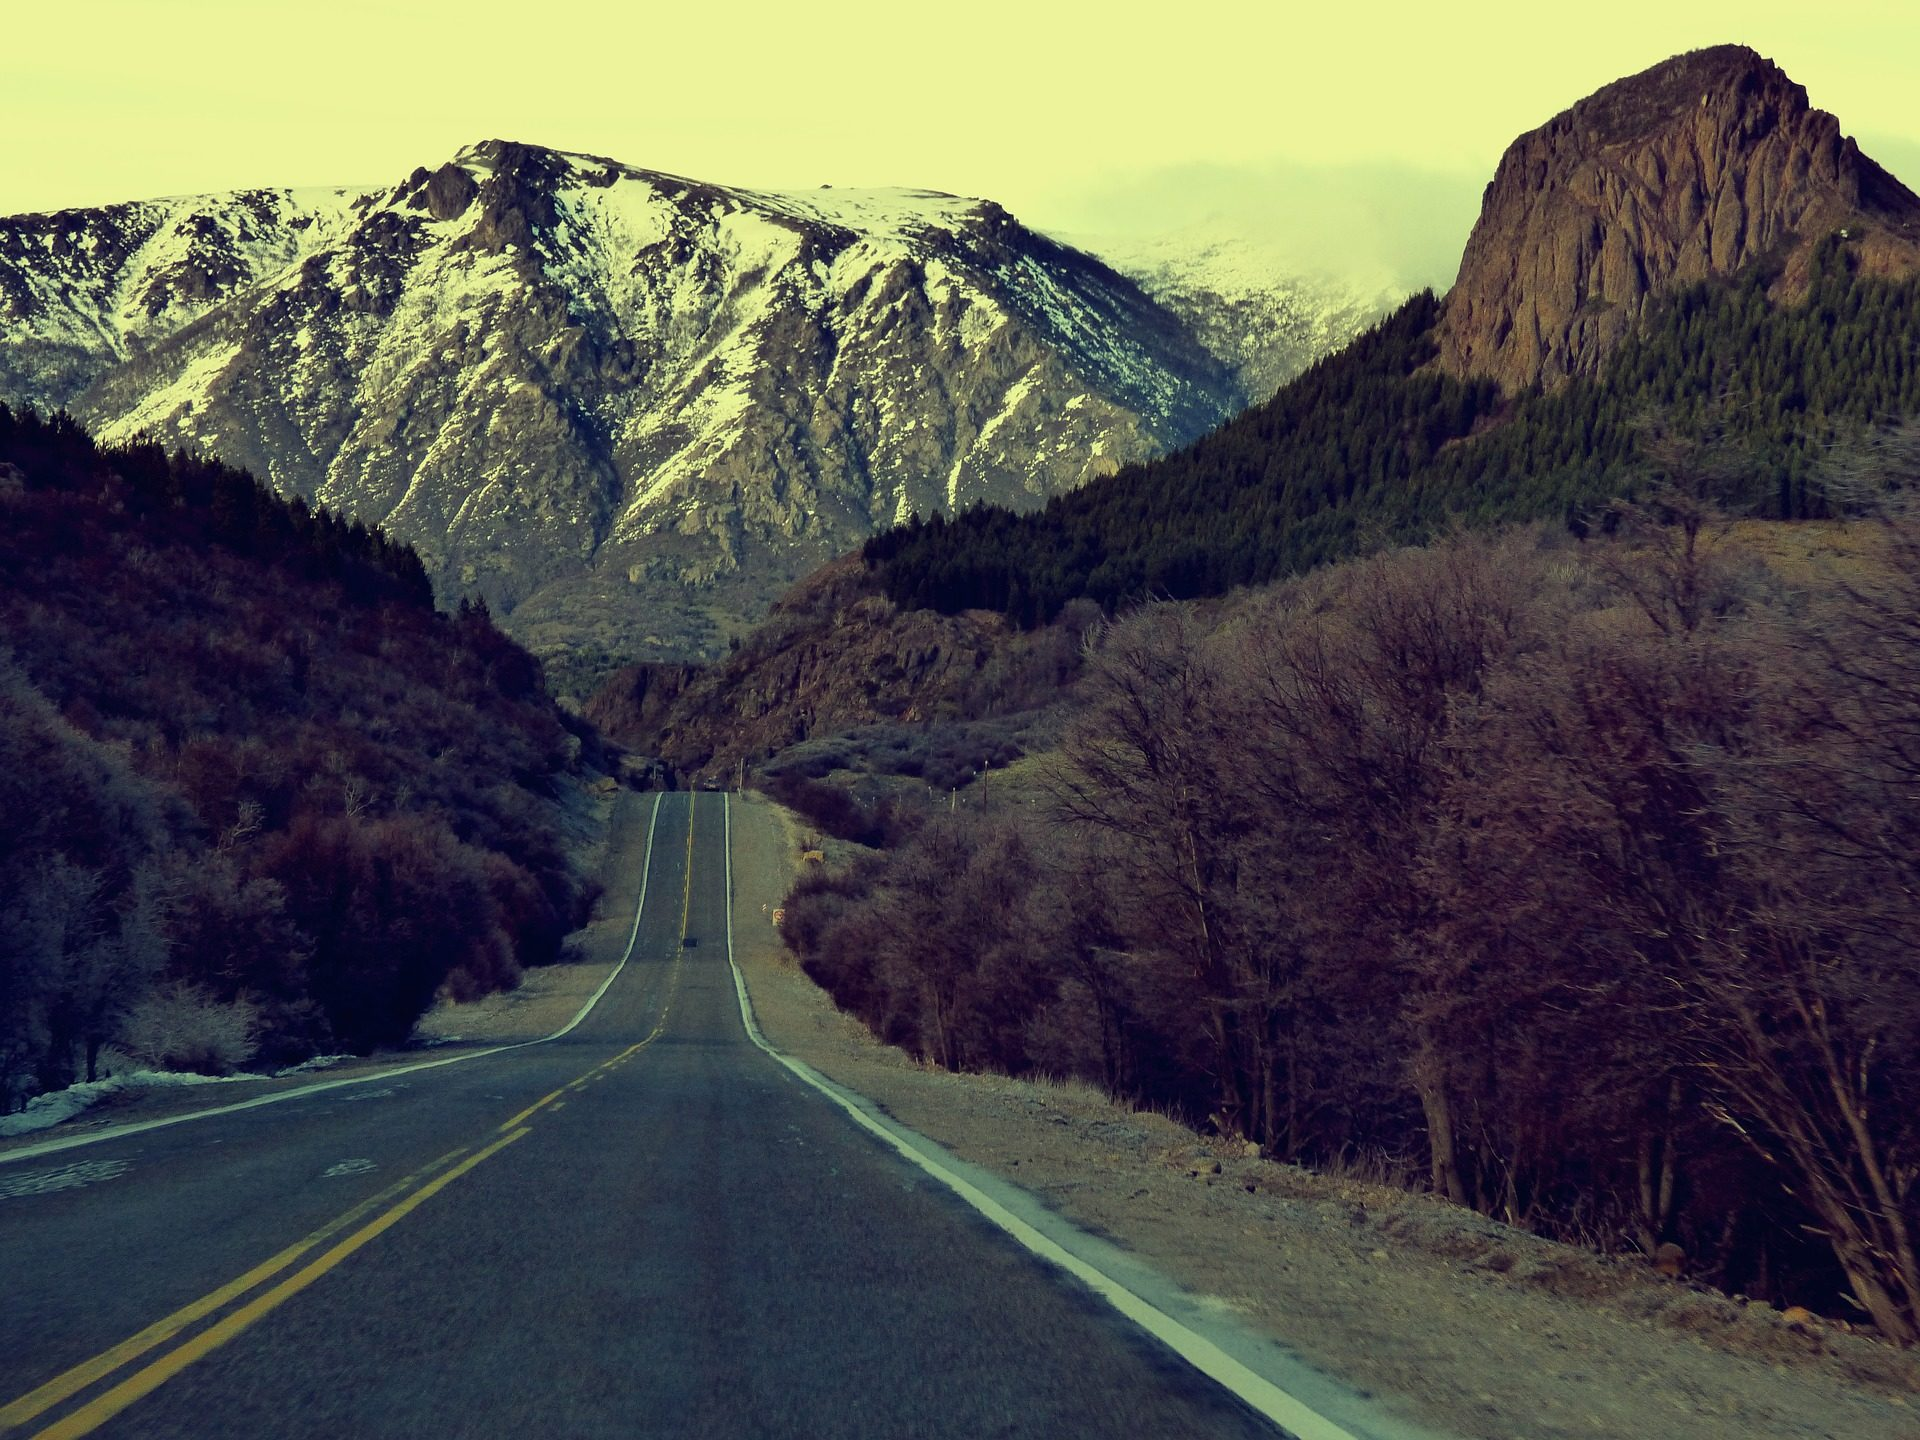 Дорога, Солитер, Монтанья, снег, лес, Осень - Обои HD - Профессор falken.com